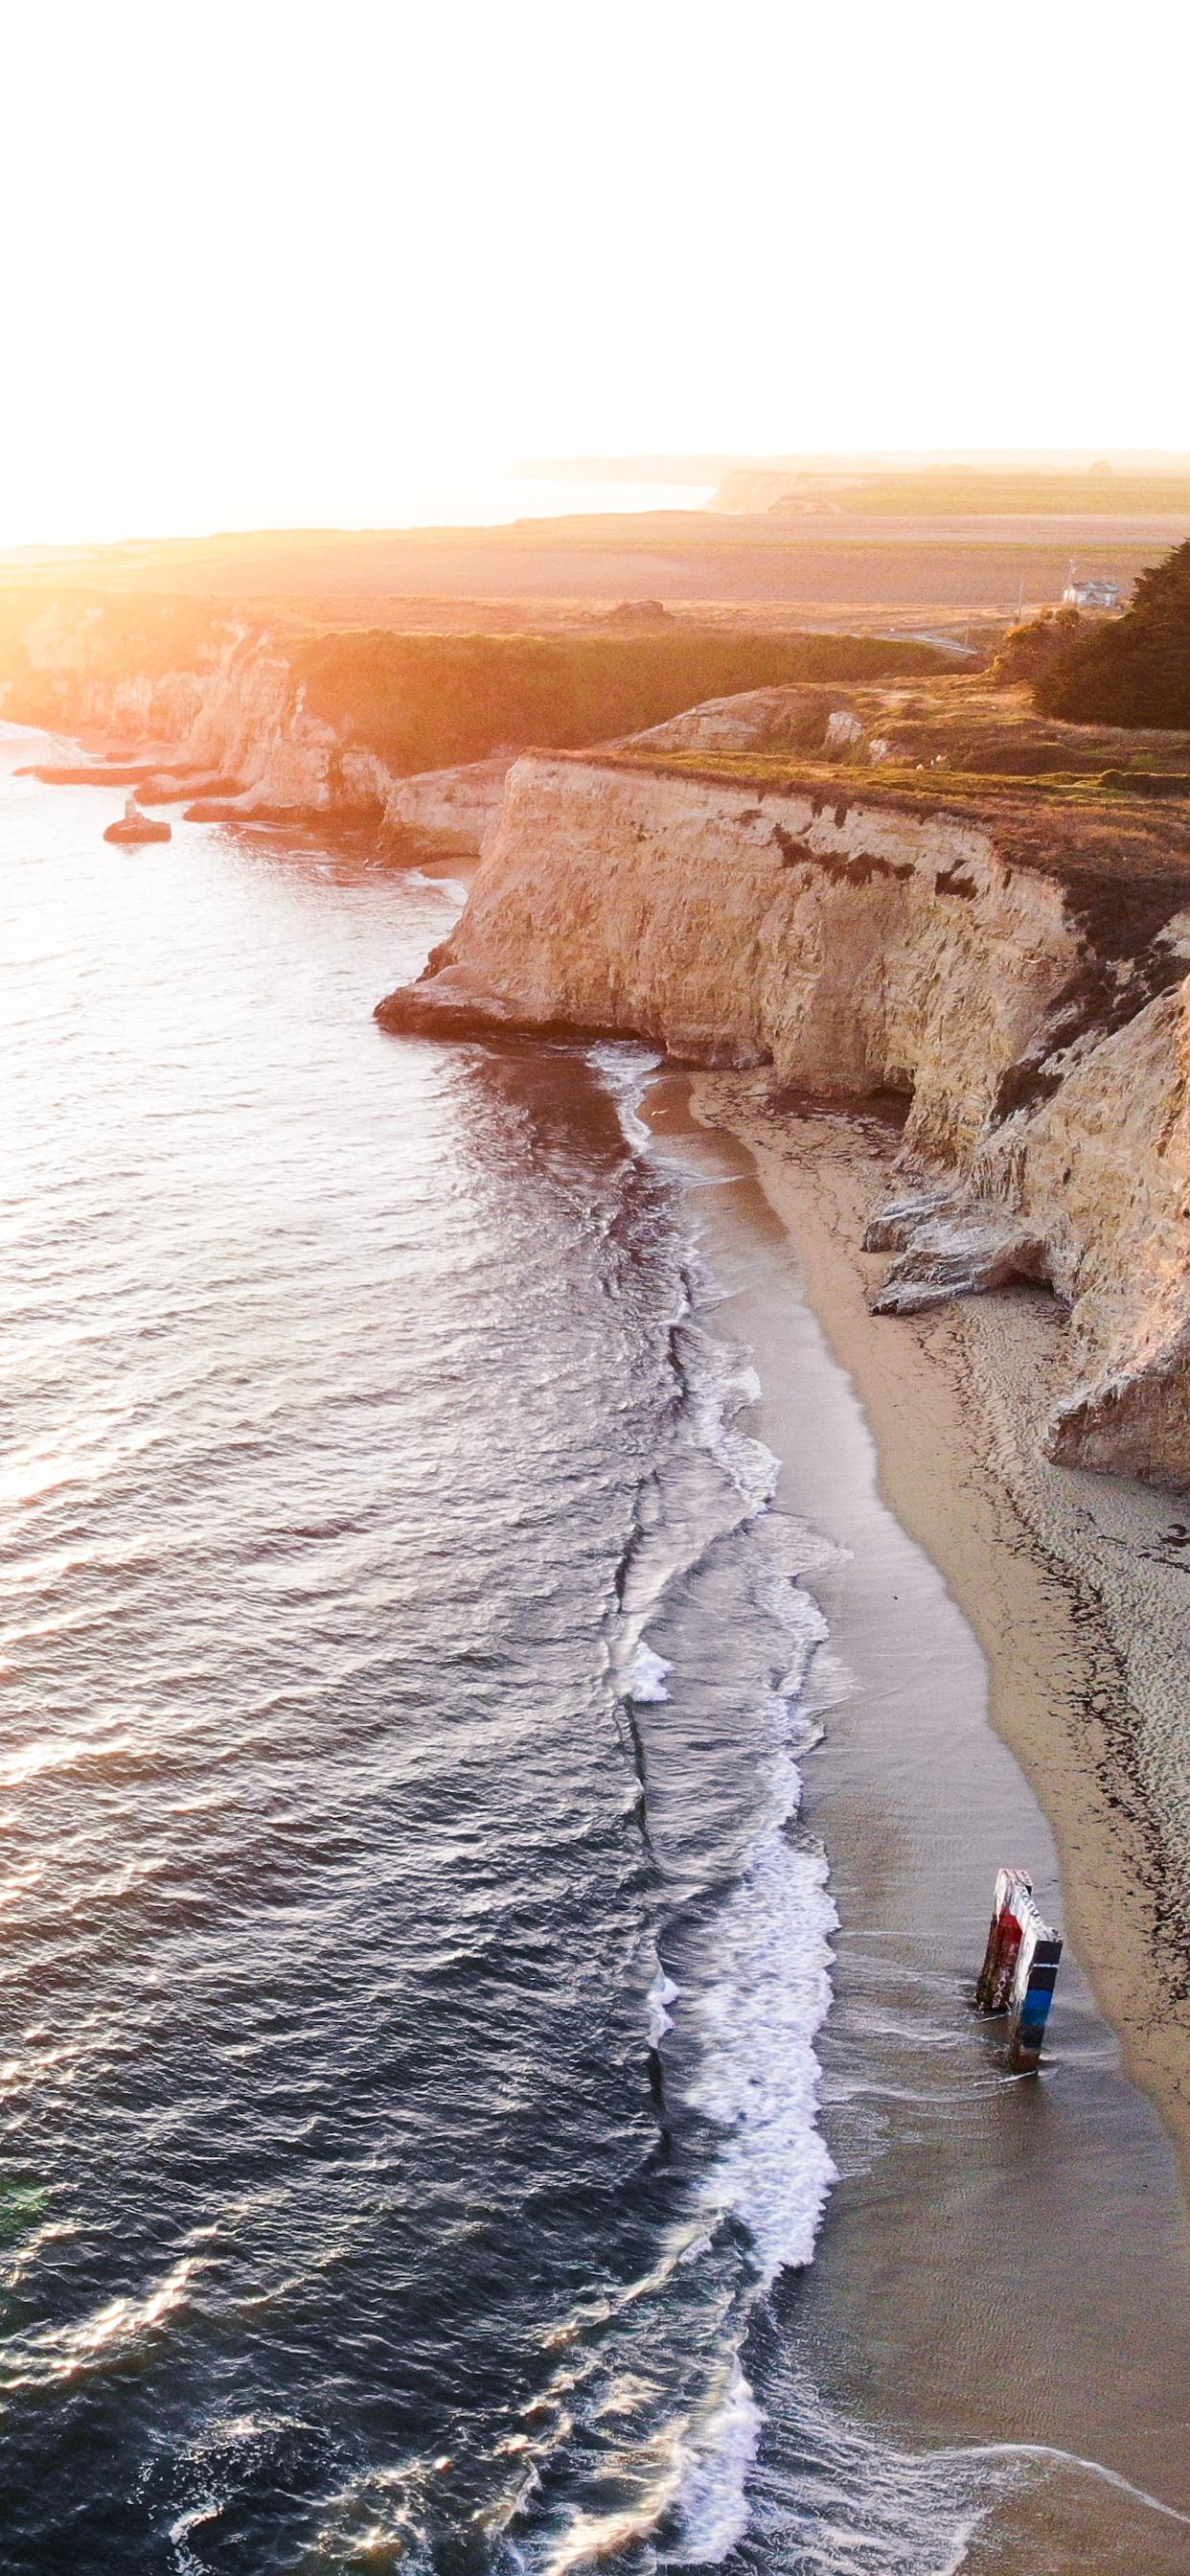 iPhone wallpapers illuminated california Fonds d'écran iPhone du 28/08/2019